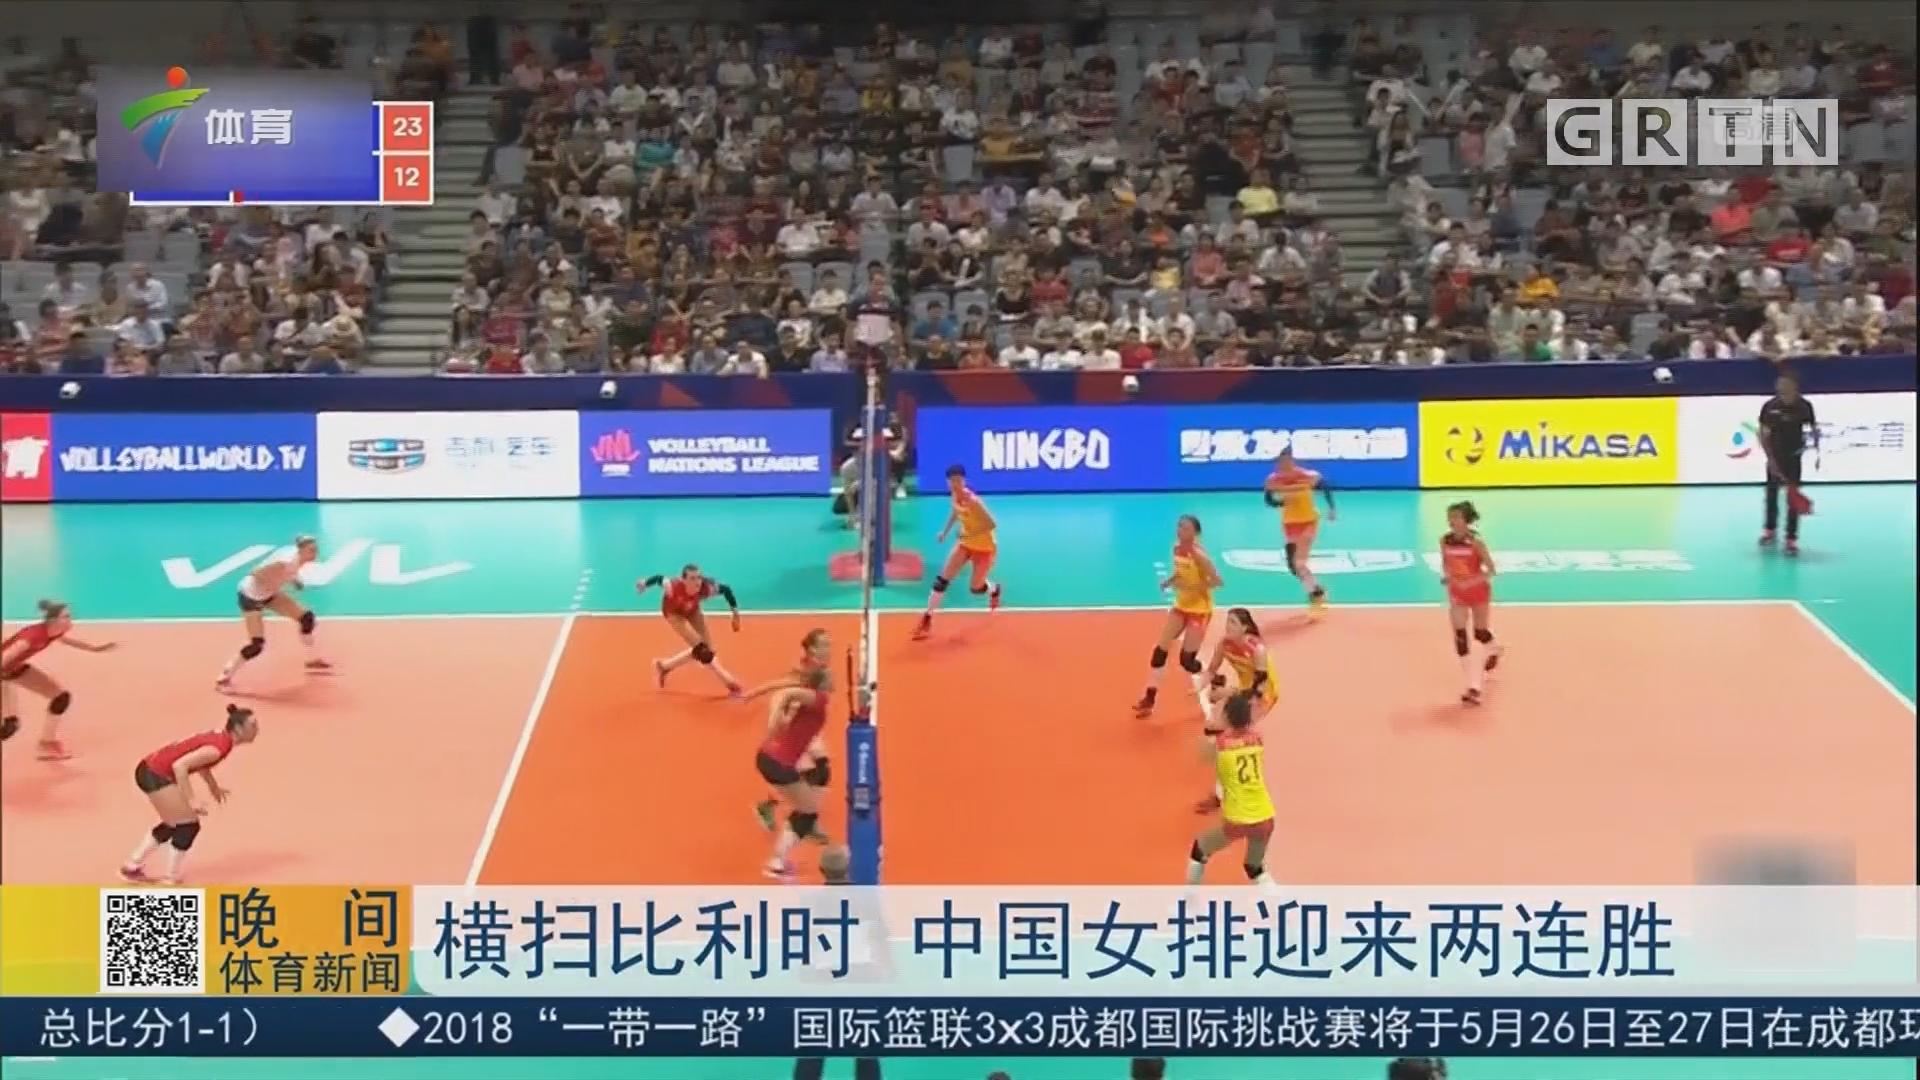 横扫比利时 中国女排迎来两连胜